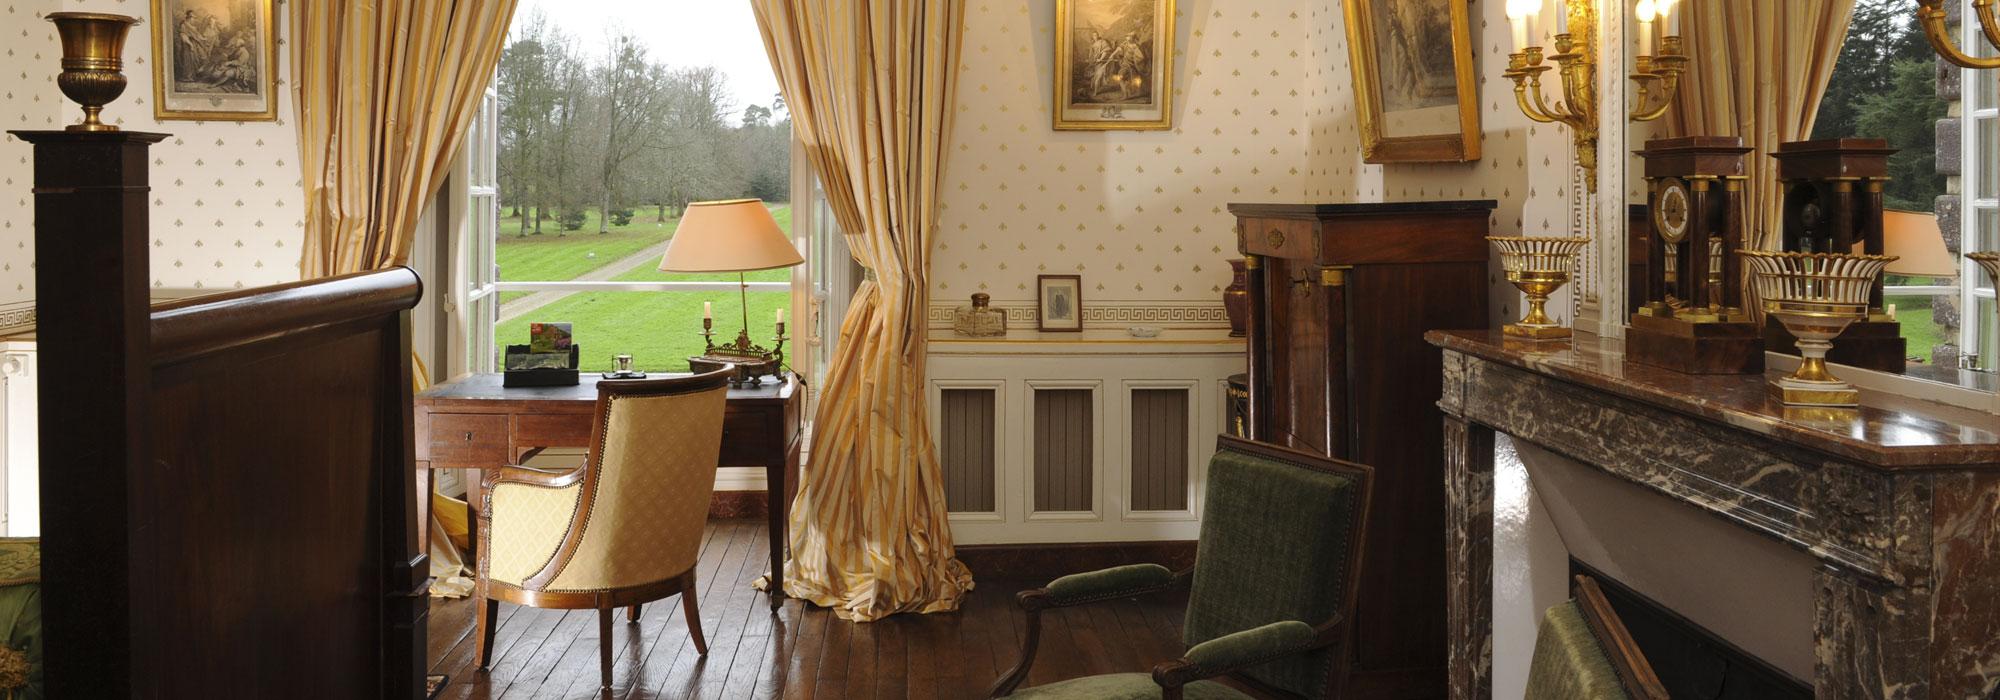 Suite Empire - Chateau de Canisy